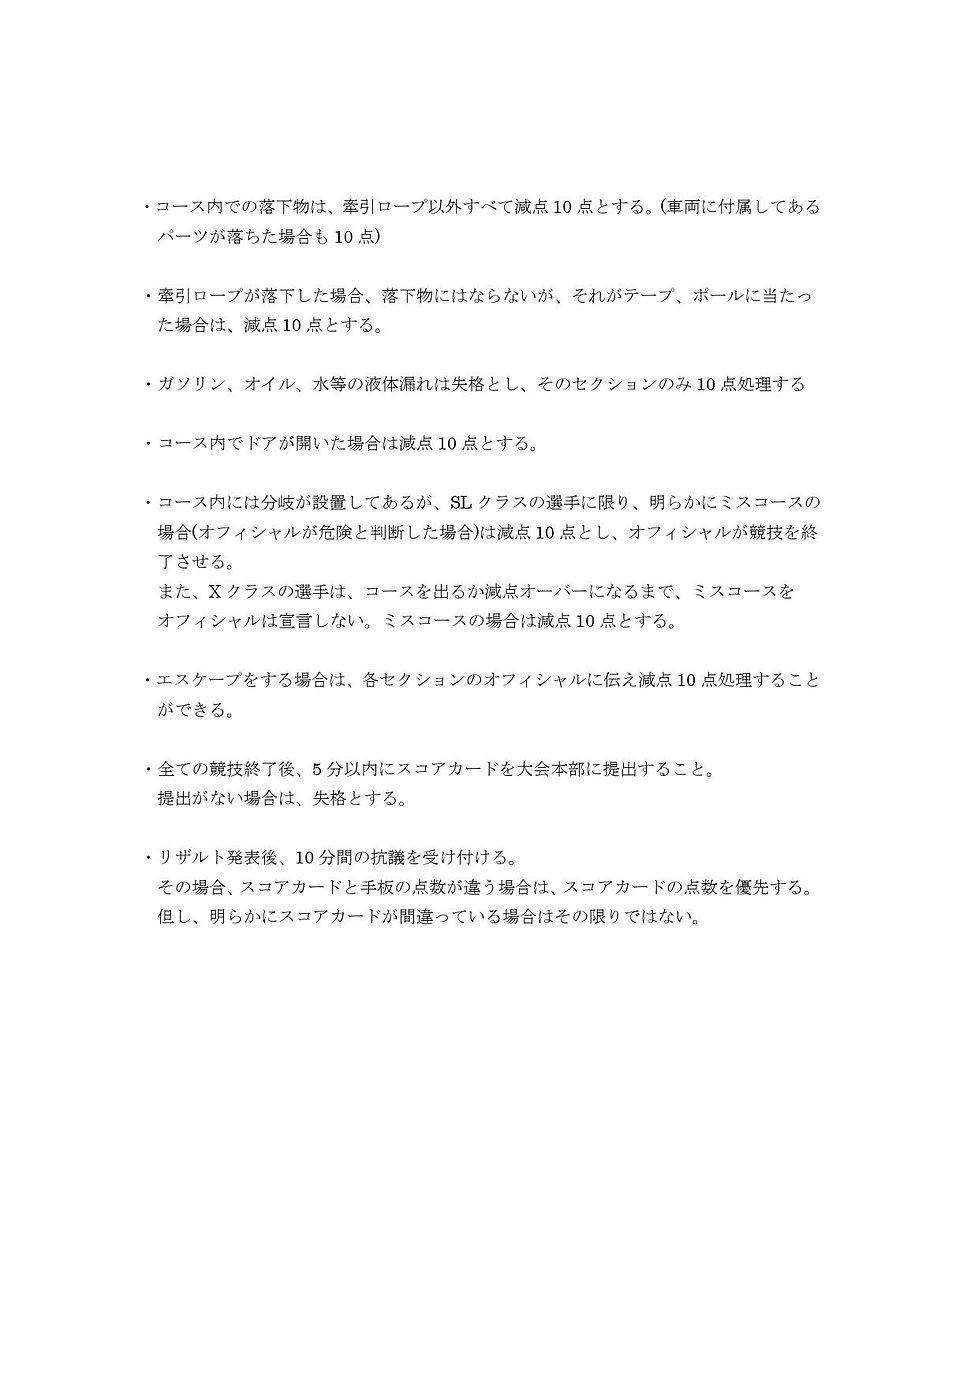 九州サムクライムトライアル競技ルール_000002.jpg